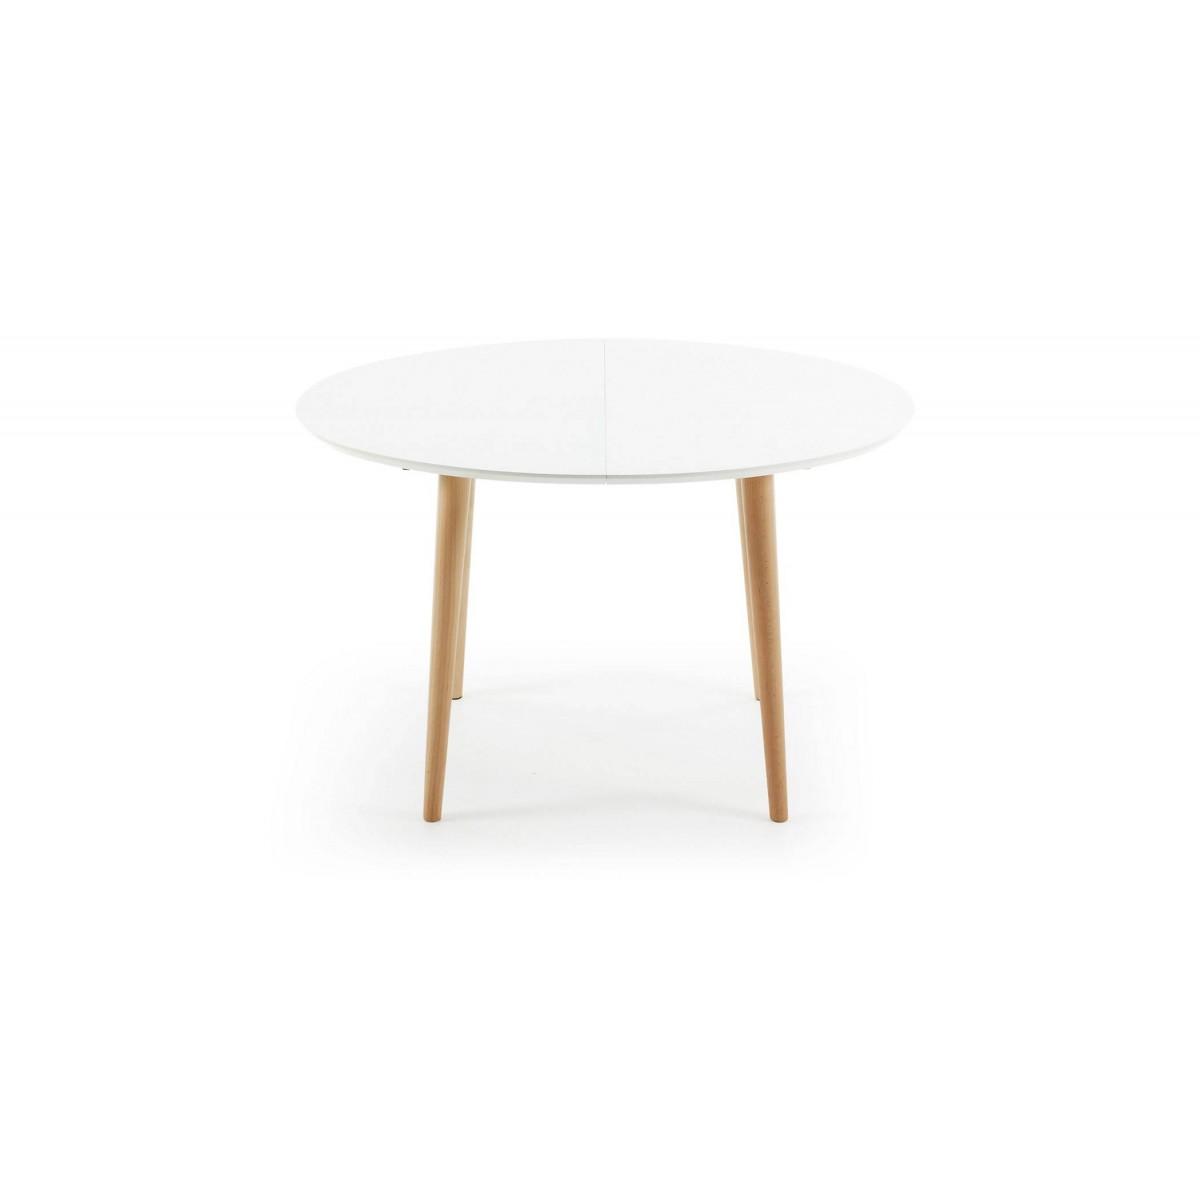 Mesa extensible madera lacada blanca scandy for Mesa redonda extensible blanca